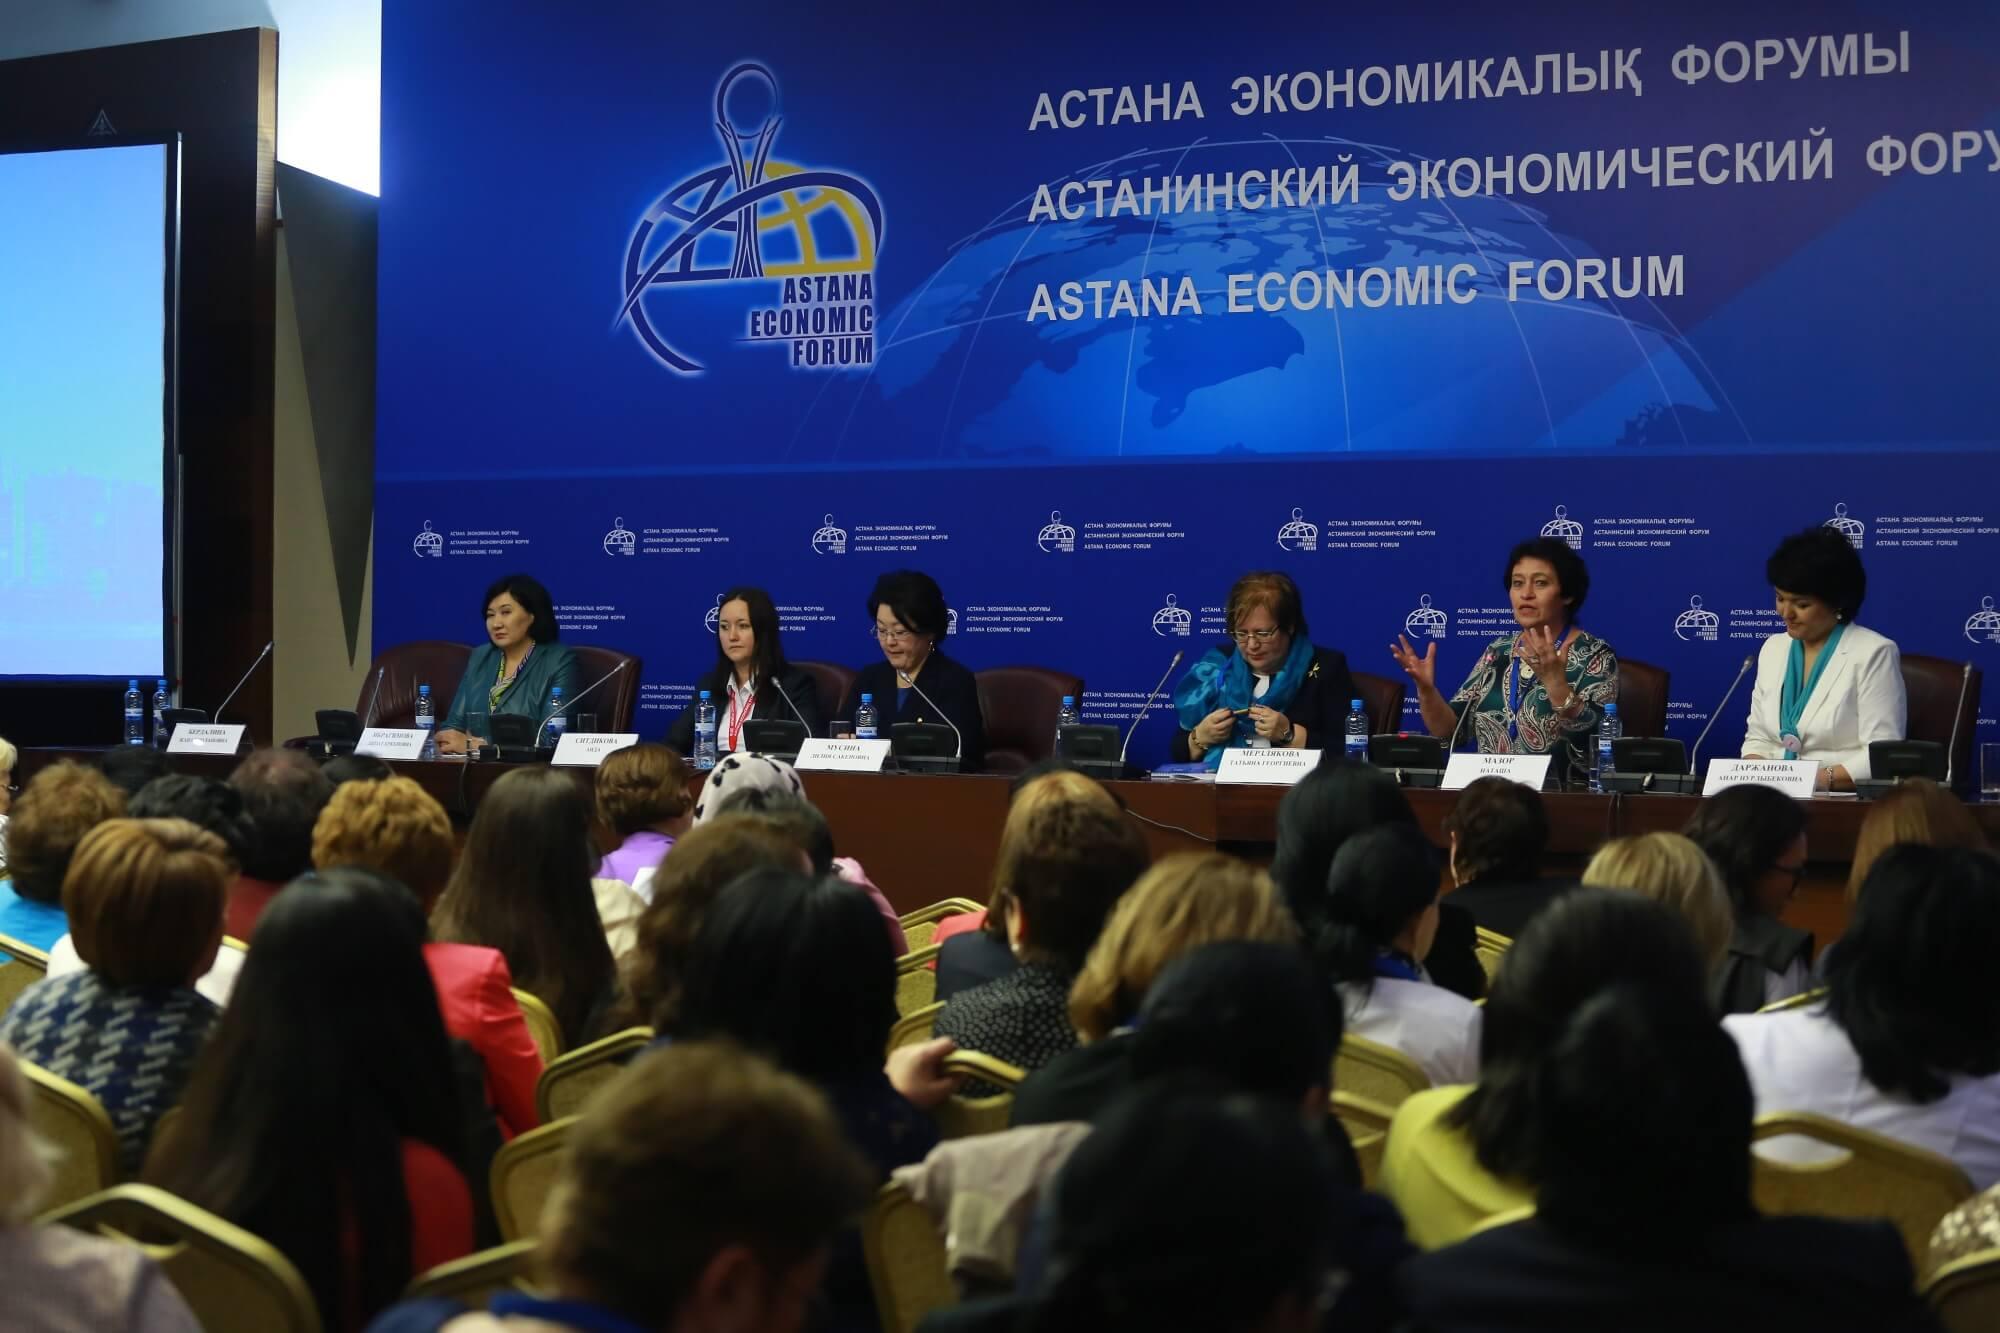 Ix астанинский экономический форум начал свою работу